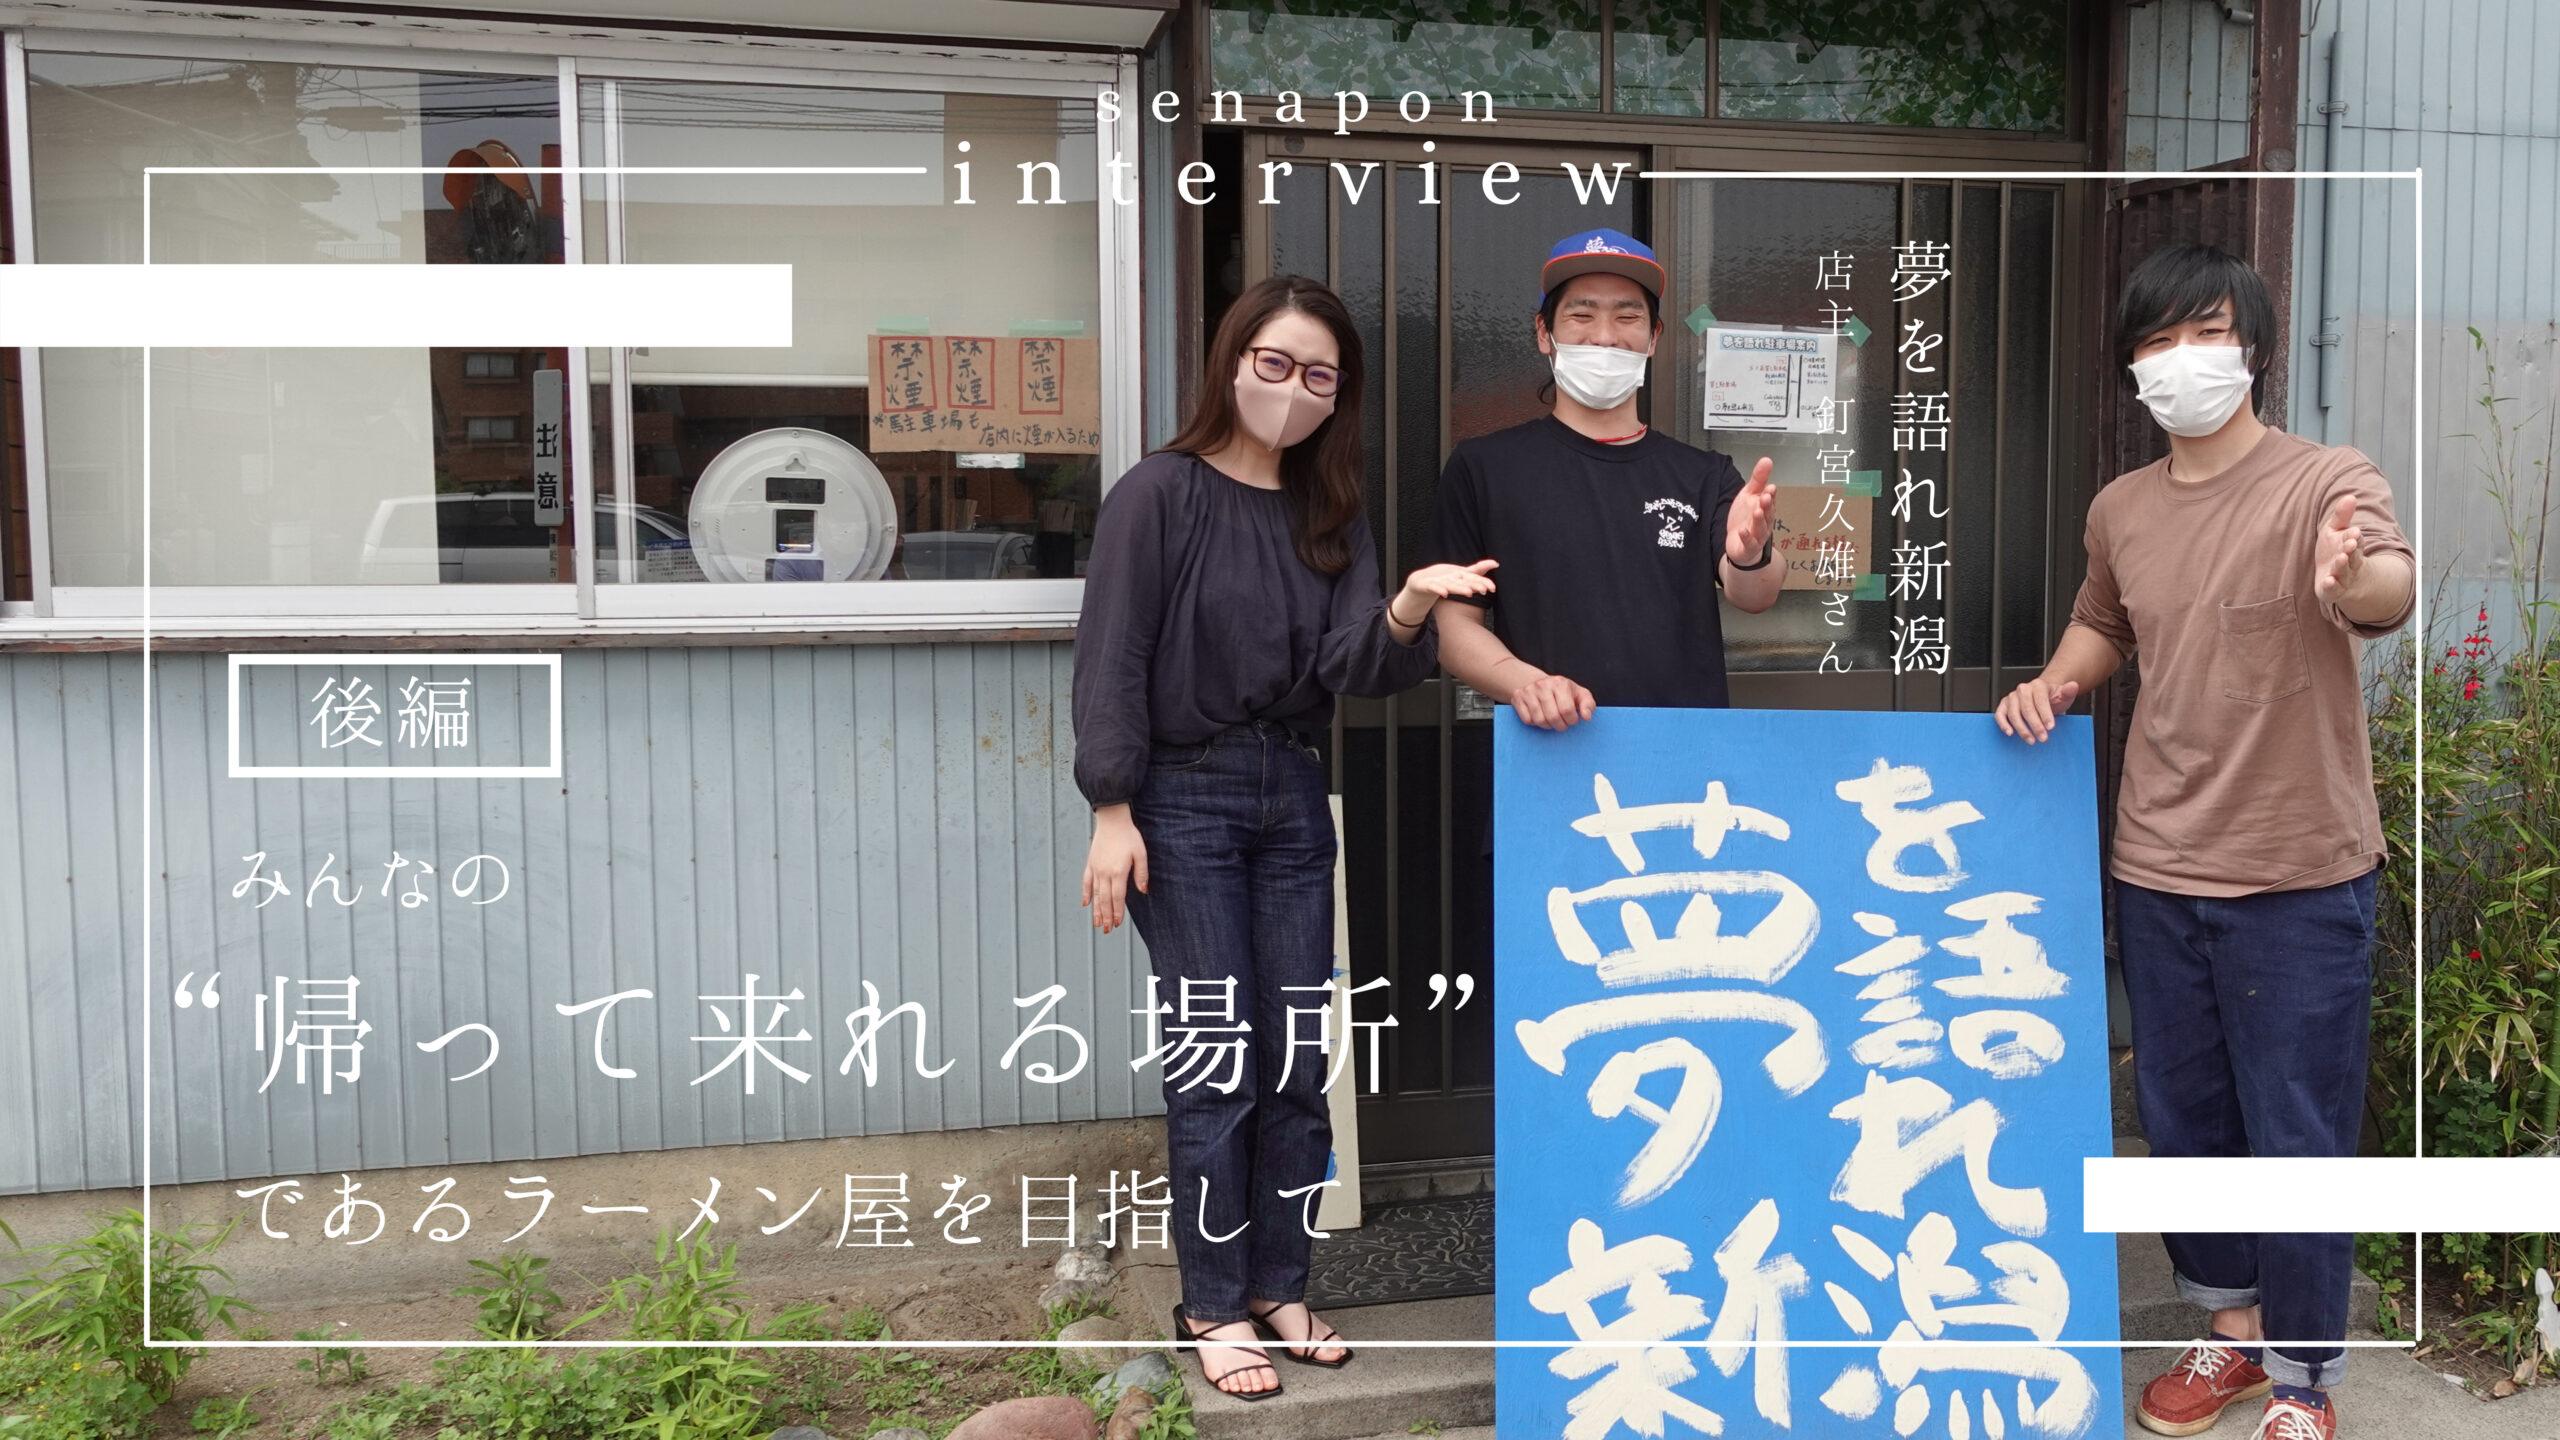 """【後編】「夢を語れ新潟」店主釘宮さんインタビュー みんなの""""帰ってこれる場所""""であるラーメン屋を目指して"""